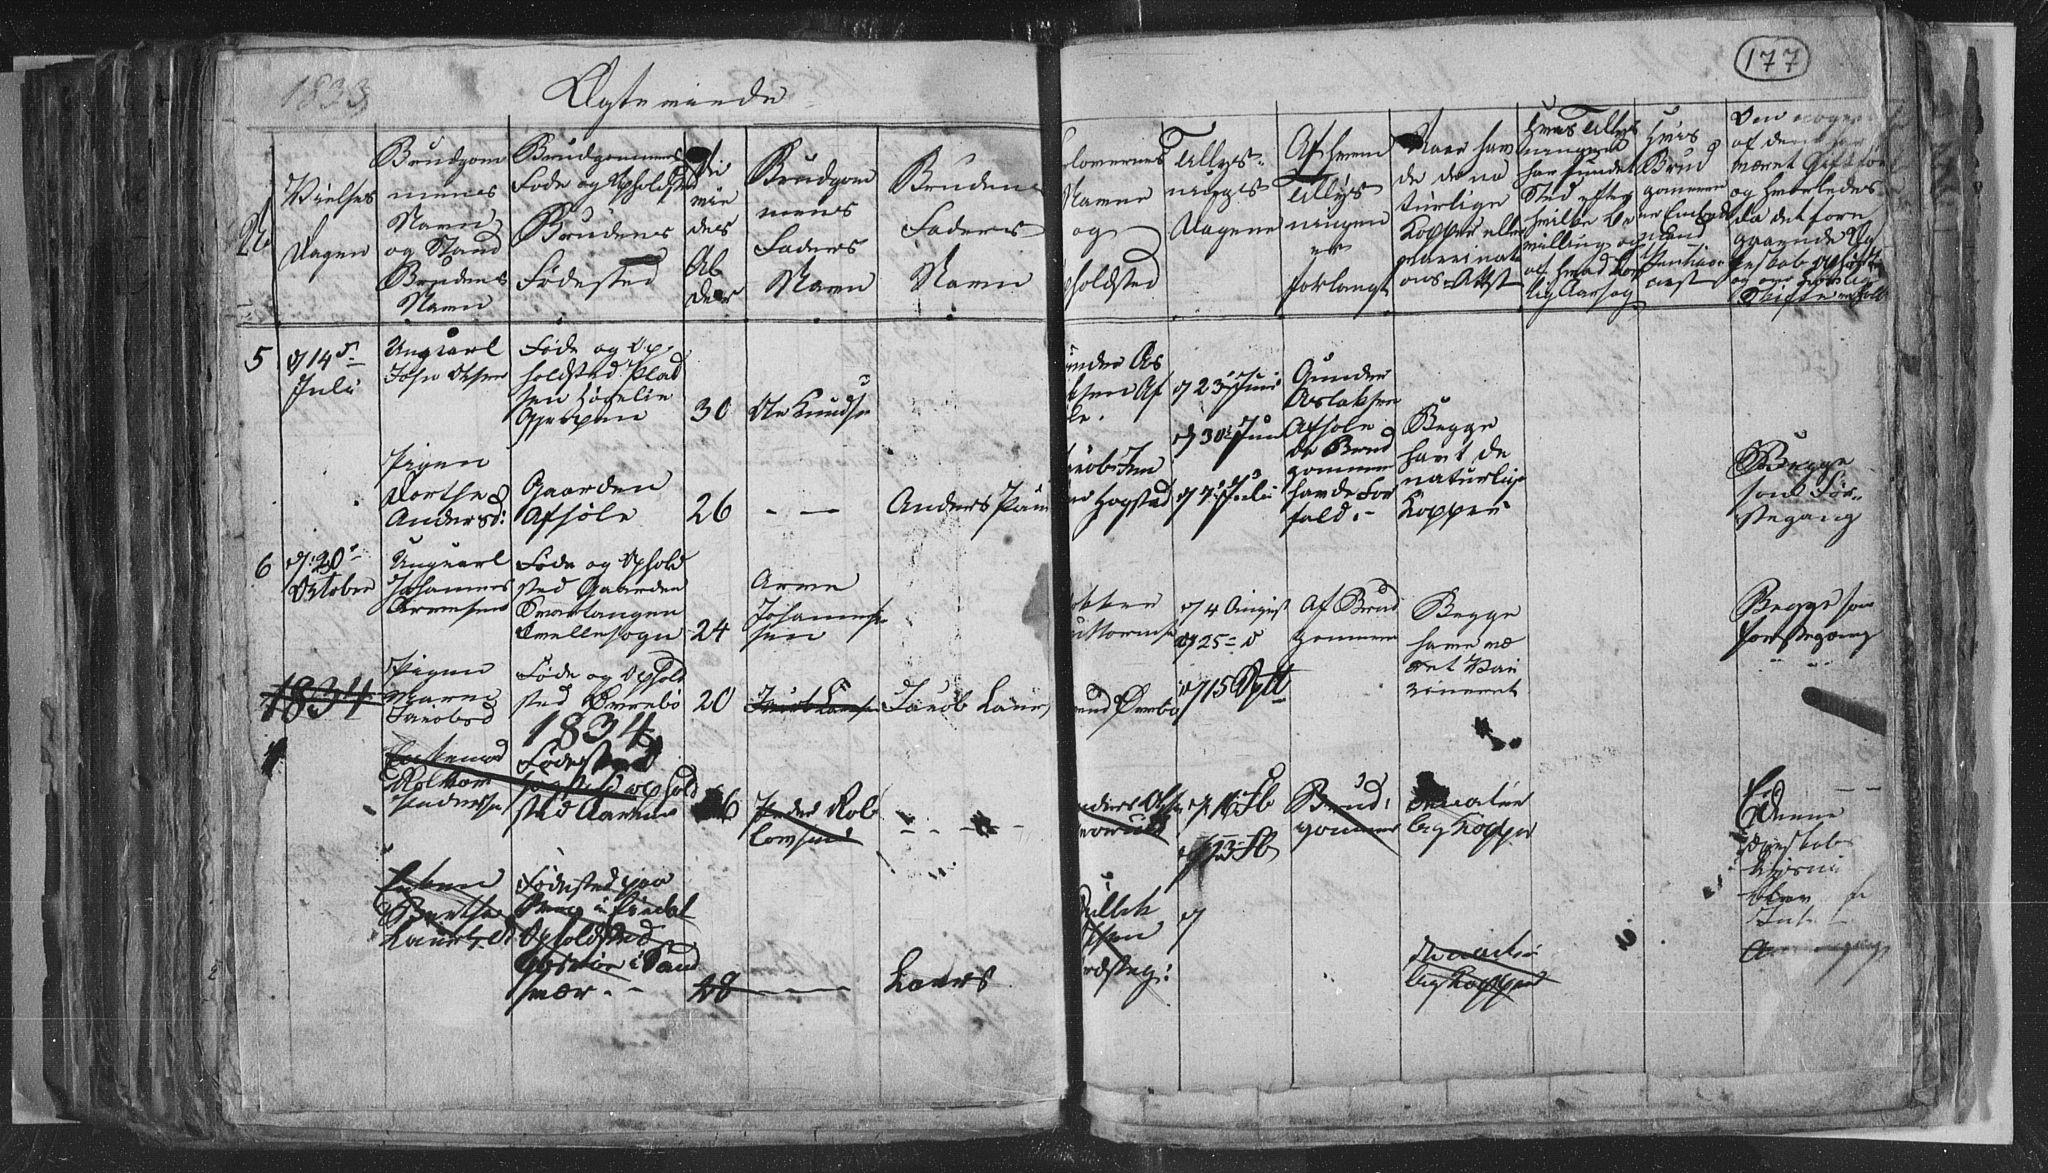 SAKO, Siljan kirkebøker, G/Ga/L0001: Klokkerbok nr. 1, 1827-1847, s. 177